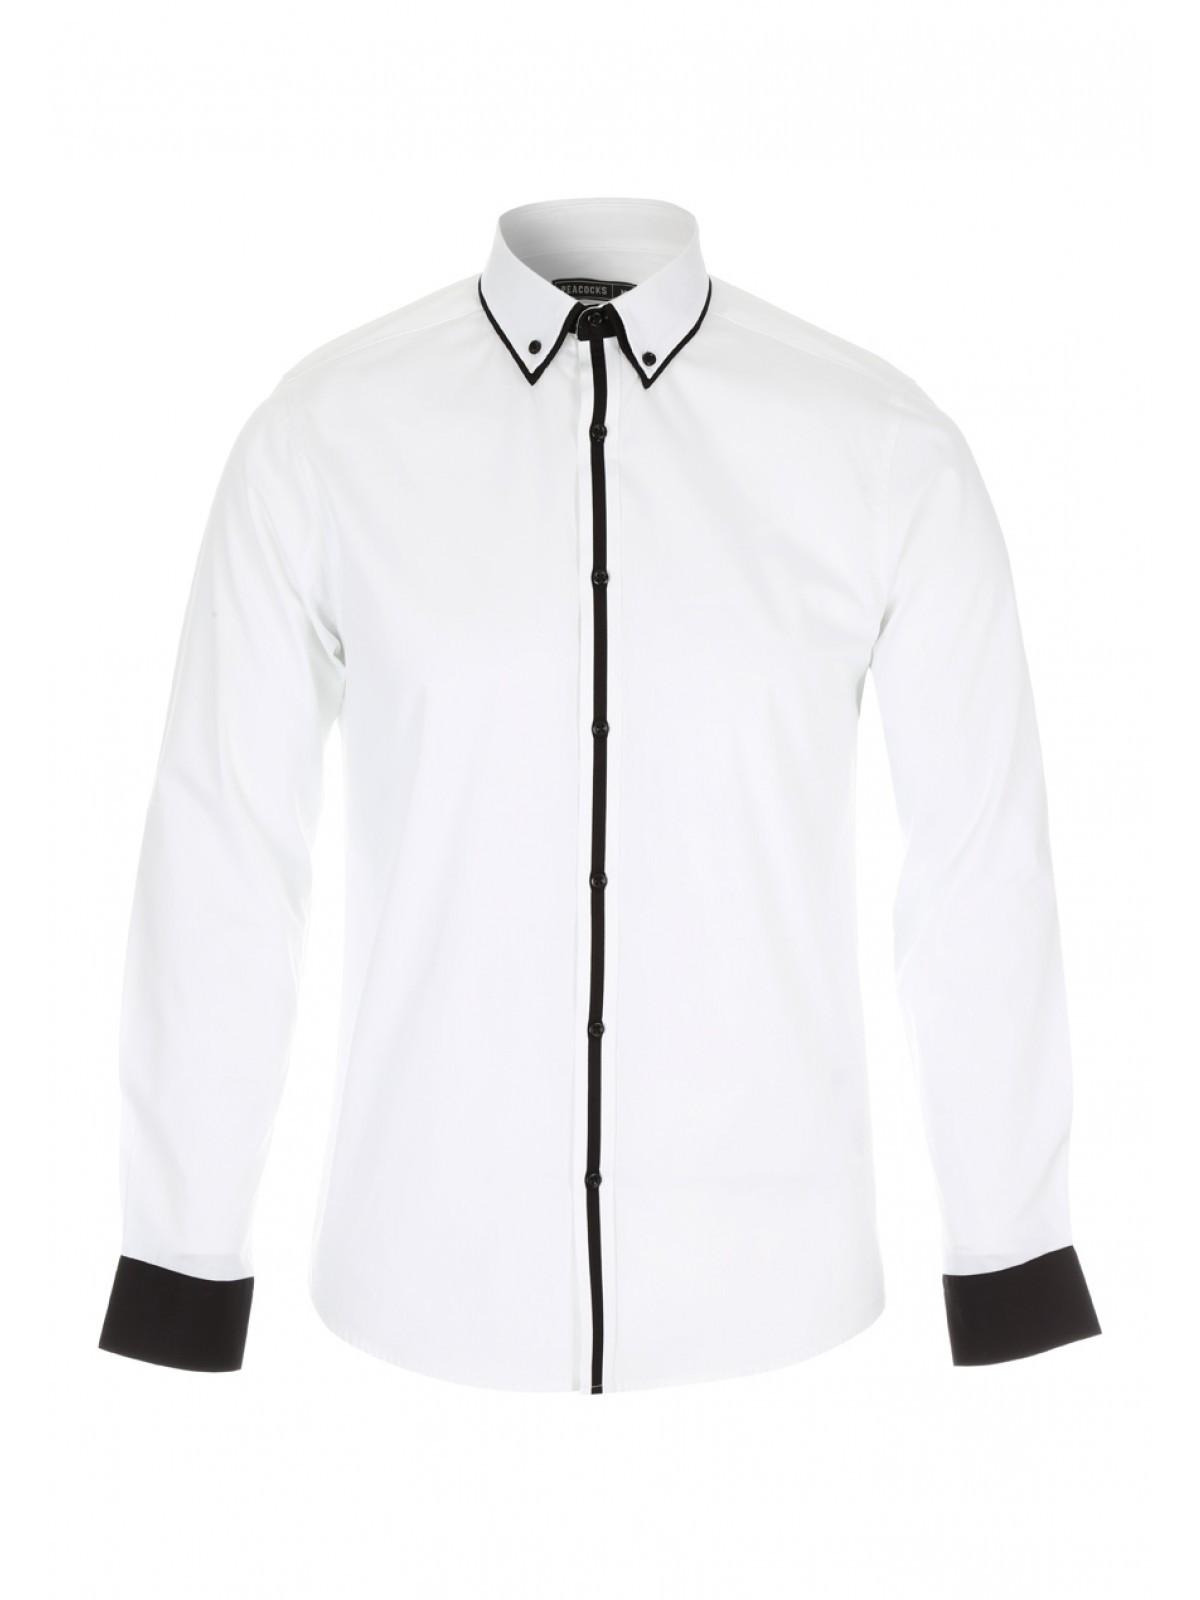 White Monochrome Long Sleeved Formal Shirt